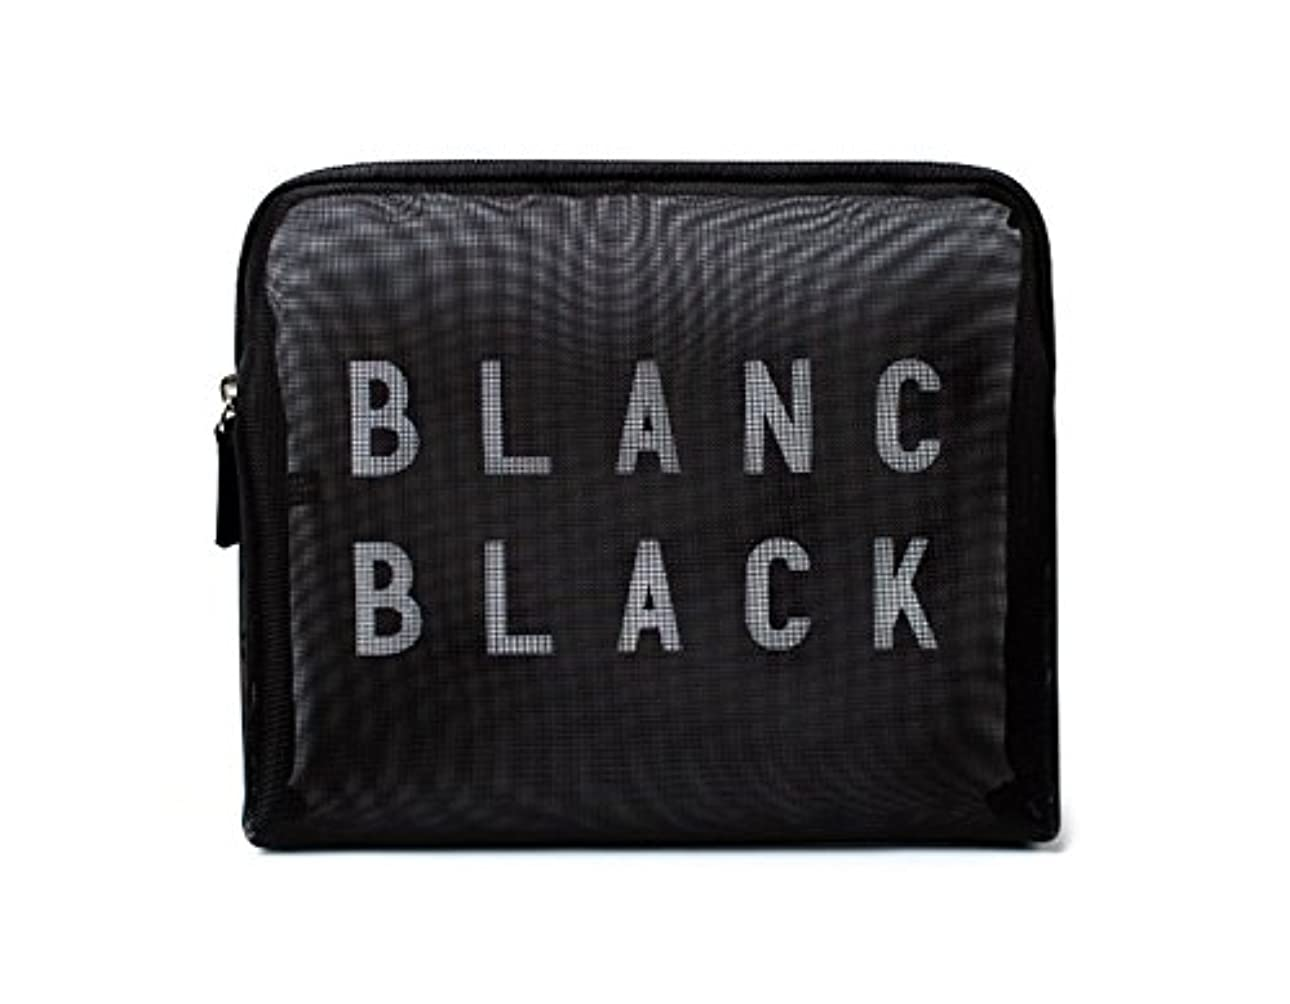 水分クマノミベーリング海峡[ブランク ブラック] Blanc Black メッシュ化粧ポーチ メイクポーチ 風呂セットのポーチ 旅行出張用ポーチ 海外直送品 Mesh Pouch [並行輸入品]